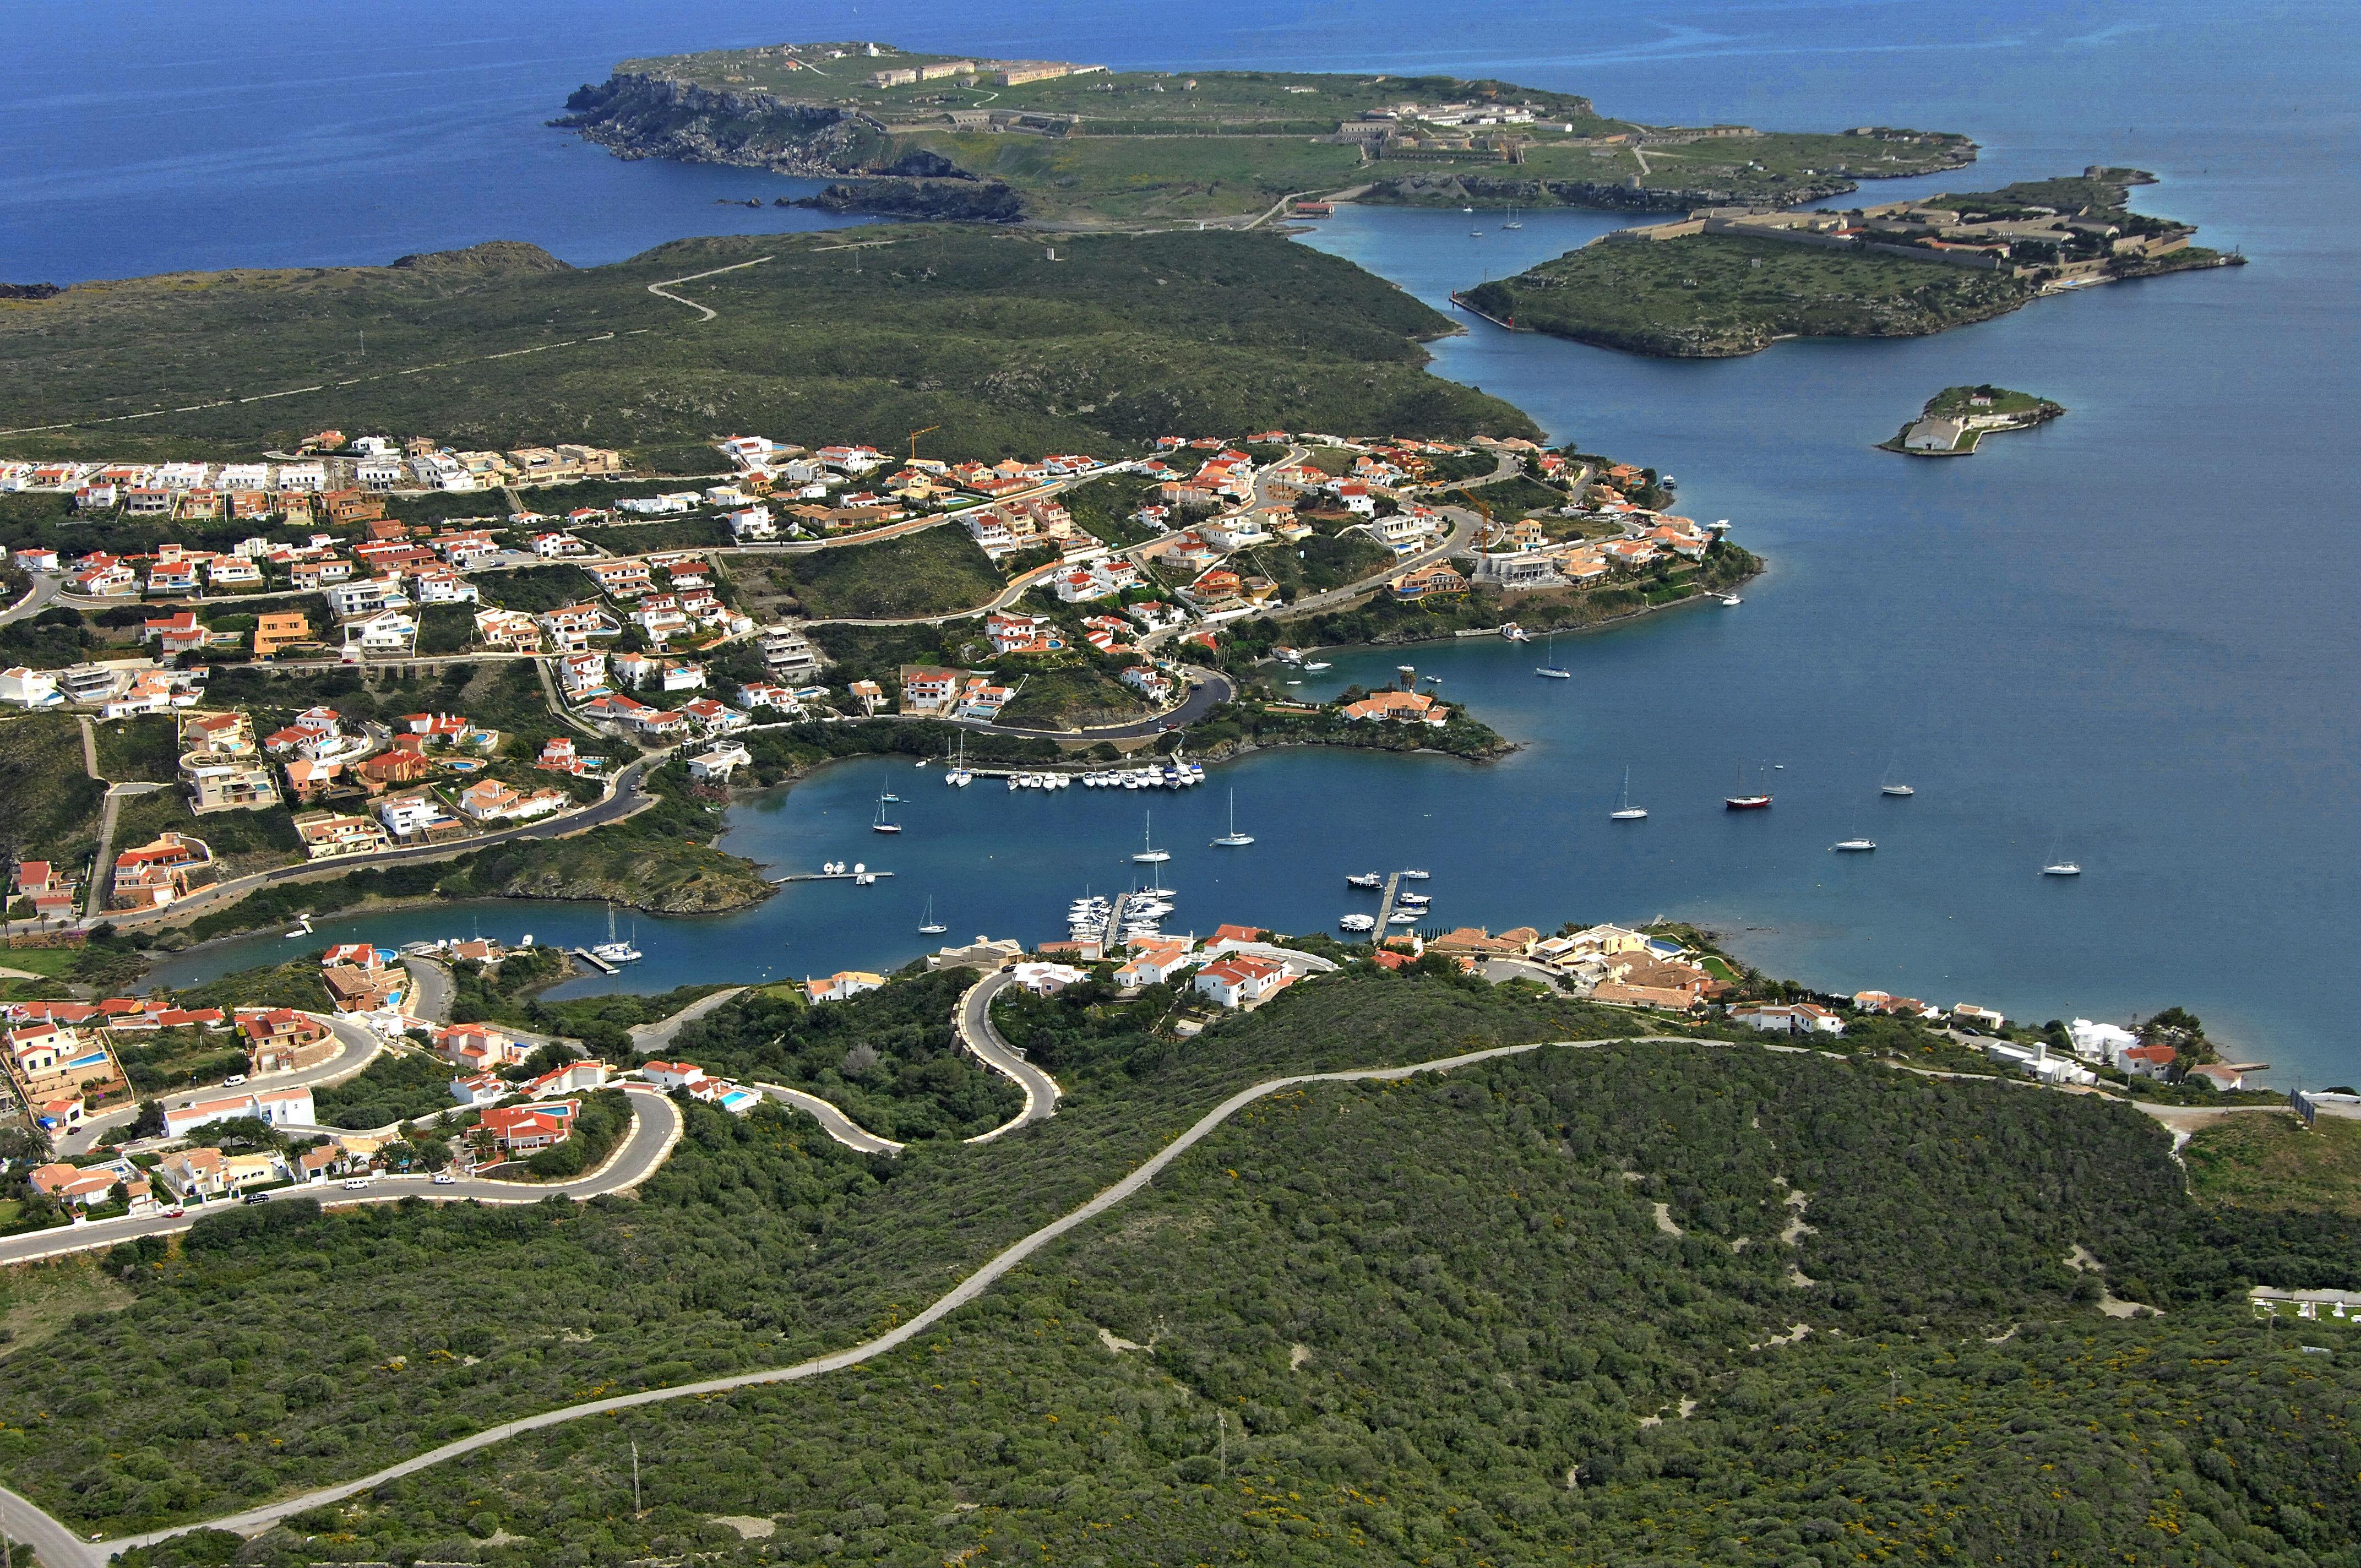 Cala Llonga Marina in Cala llonga, Menorca, Spain - Marina